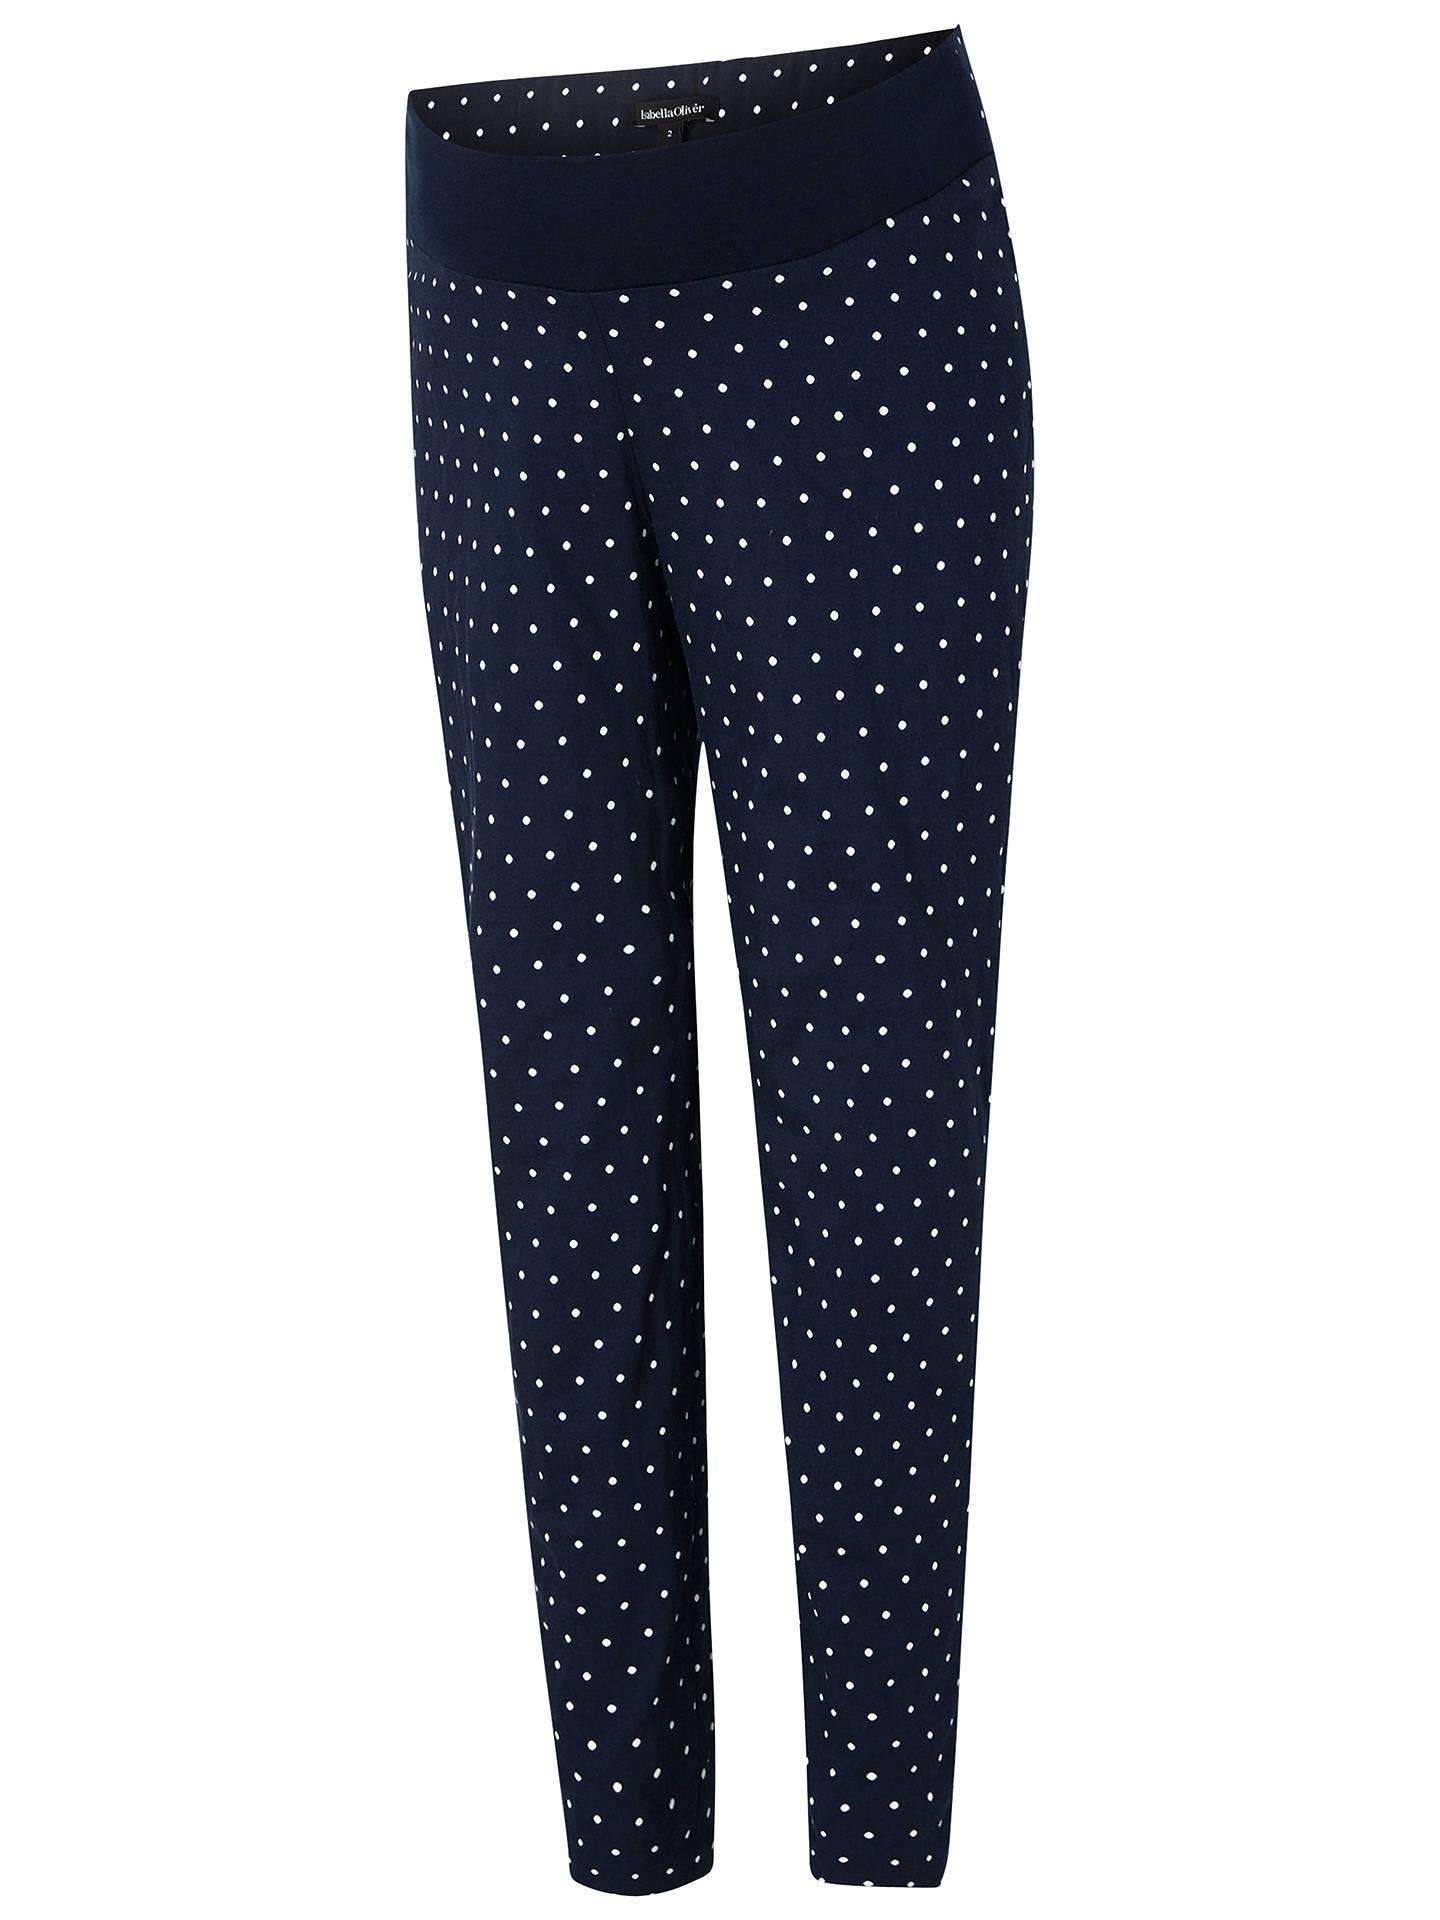 c3c30c16109c5 Buy Isabella Oliver Karina Polka Dot Cigarette Trousers, Navy, 8 Online at  johnlewis.